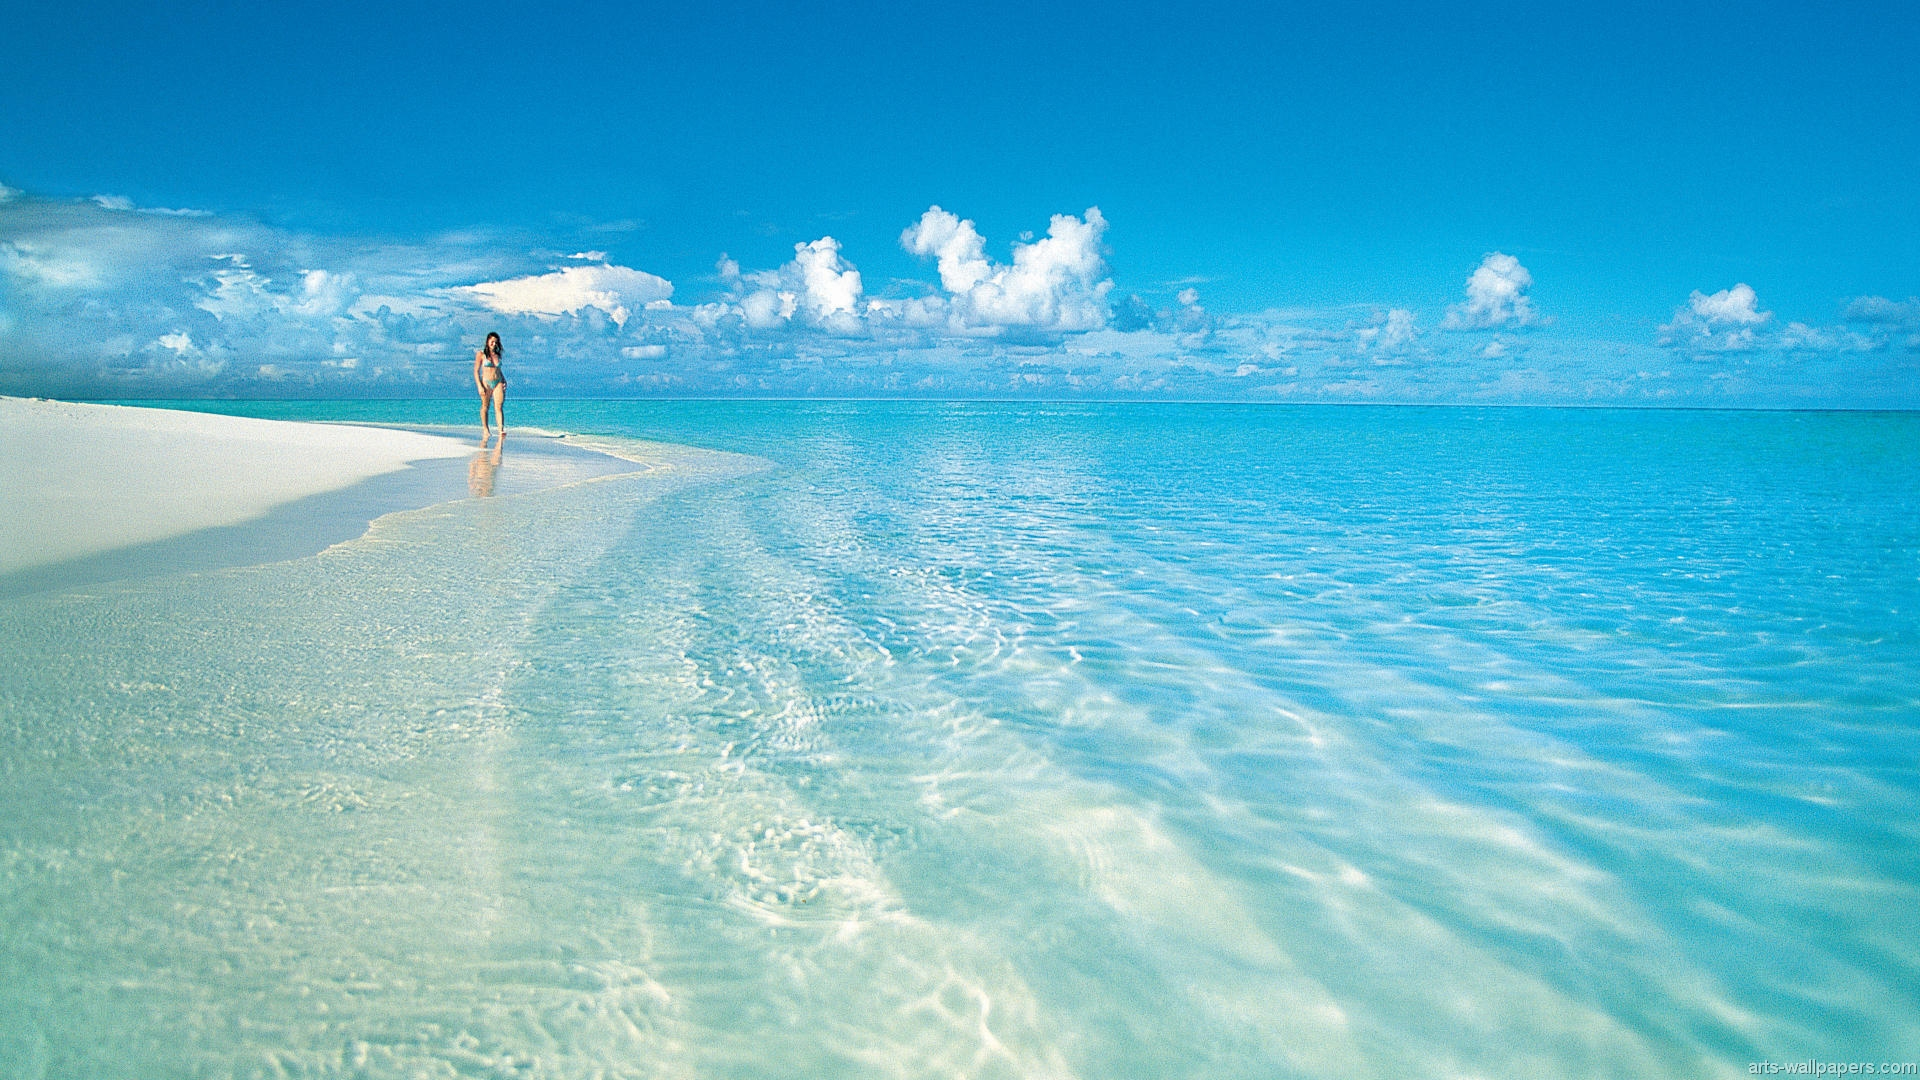 Custom 3d Photo Wallpaper Hd Maldives Sea Beach Natural: Tahiti Beach Wallpaper